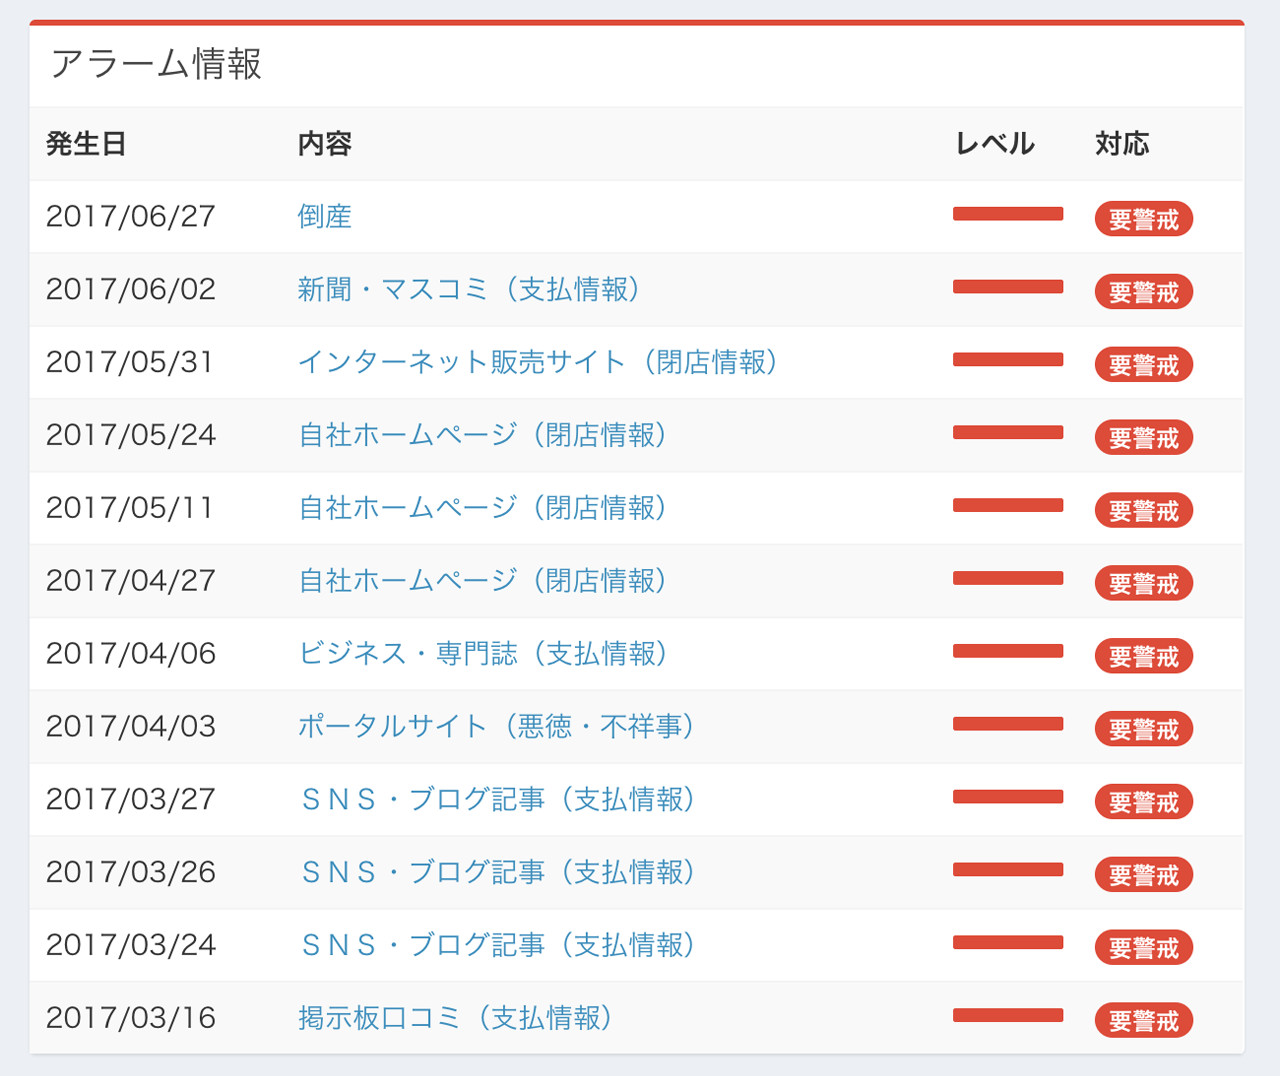 【ゴルフスタジアム】倒産情報レビュー(第14回)